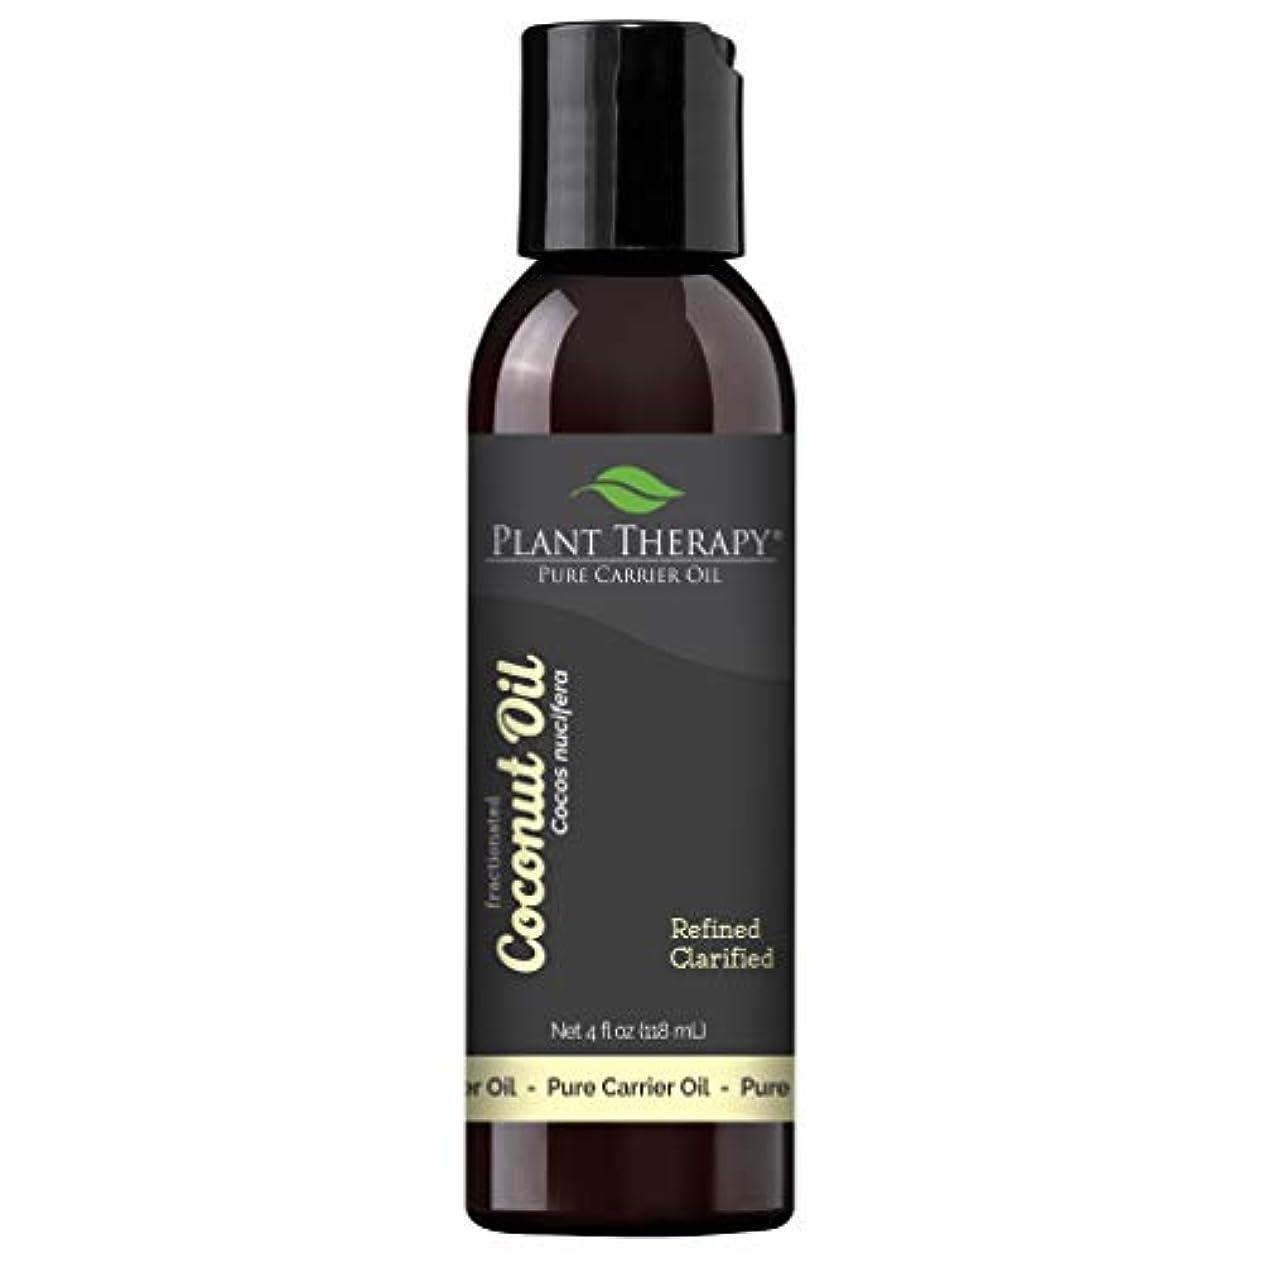 不適当のためゲームPlant Therapy Essential Oils (プラントセラピー エッセンシャルオイル) ココナッツ (分別蒸留) 4 オンス キャリアオイル